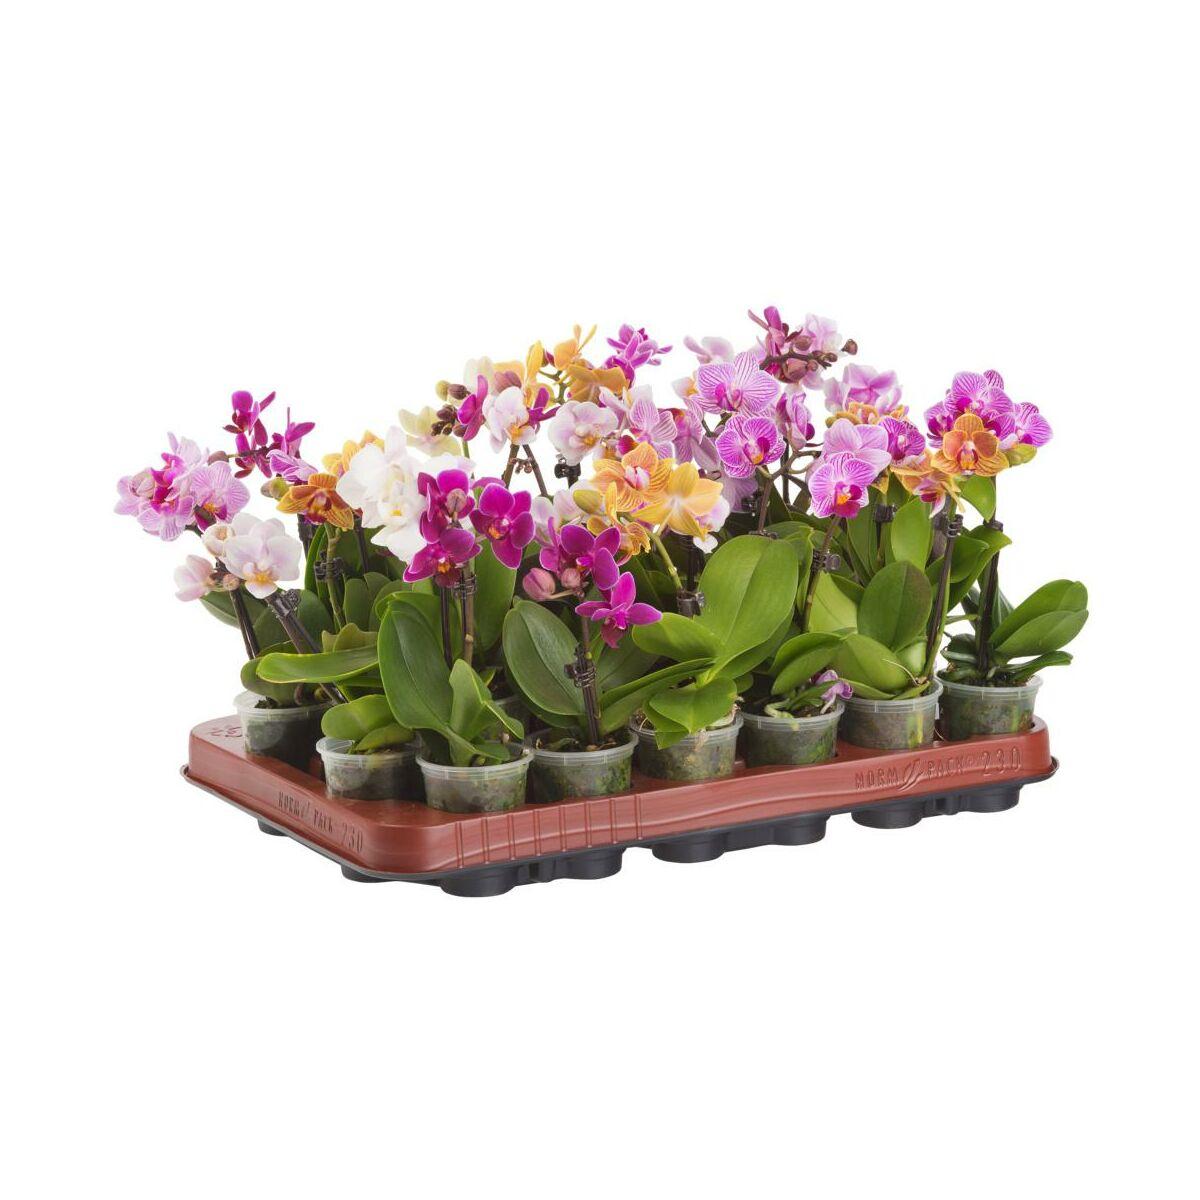 Storczyk Falenopsis Miniaturowy Little Lady Mix 15 20 Cm Rosliny Kwitnace W Atrakcyjnej Cenie W Sklepach Leroy Merlin